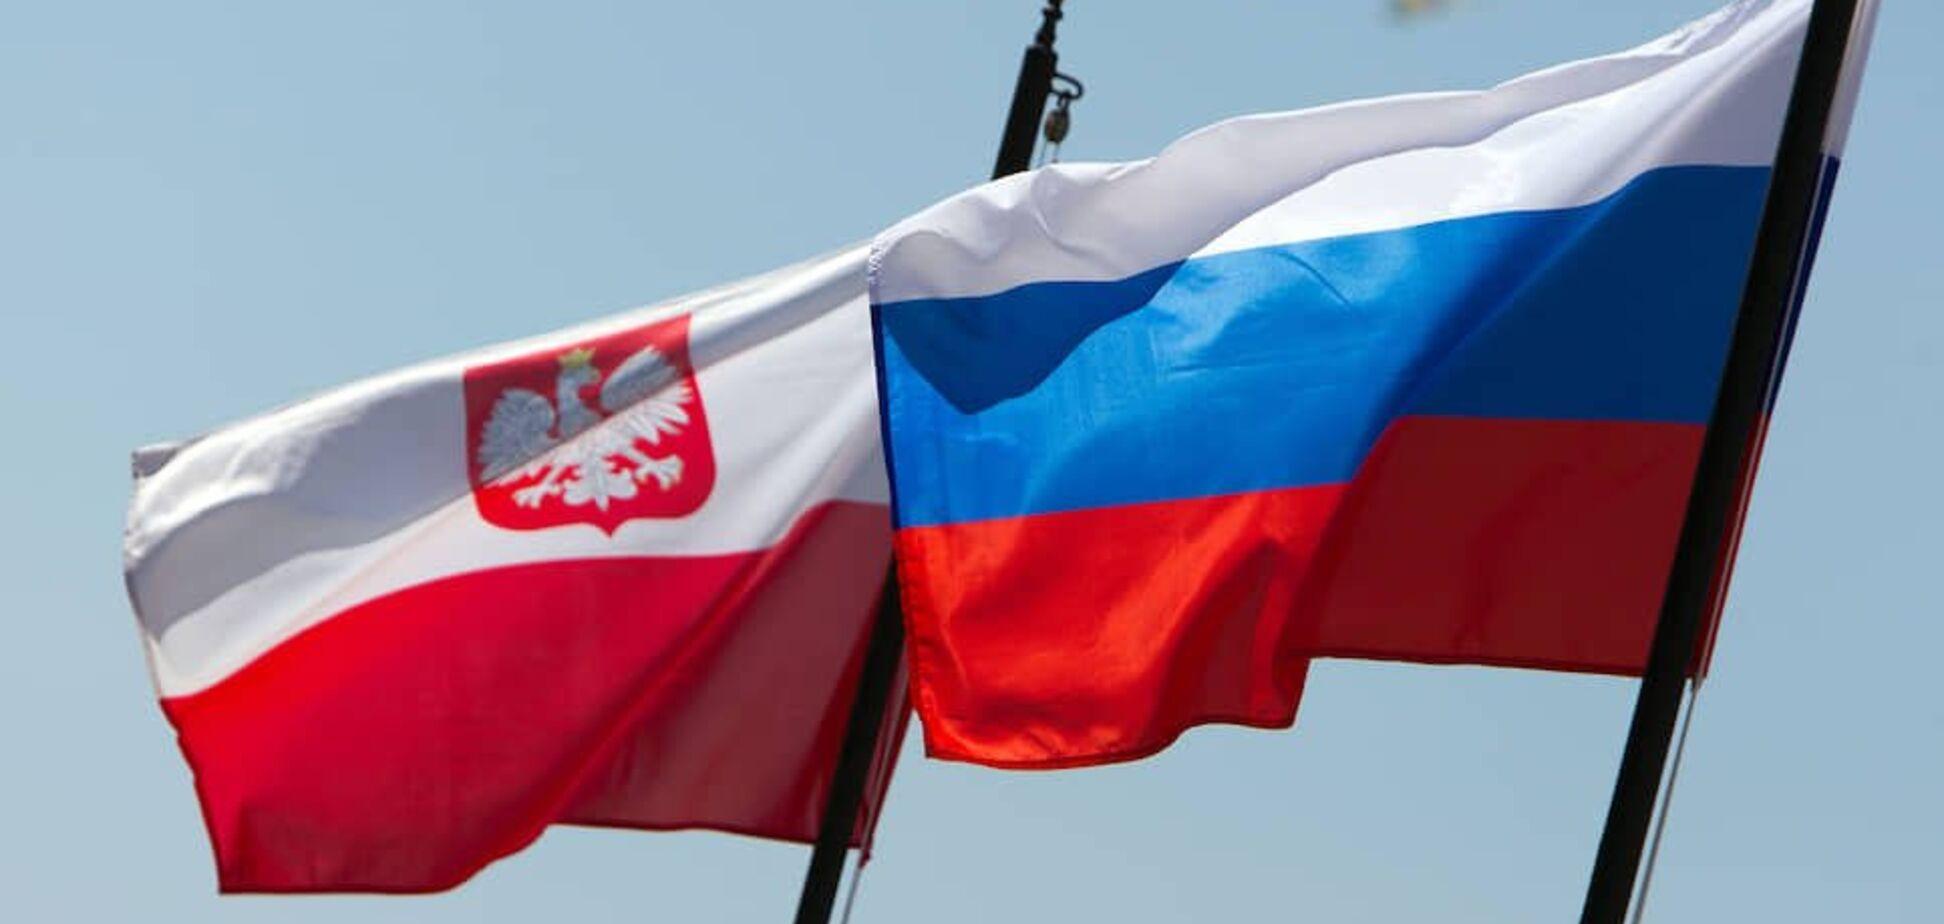 Еще одна страна ЕС выступила против России из-за Второй мировой